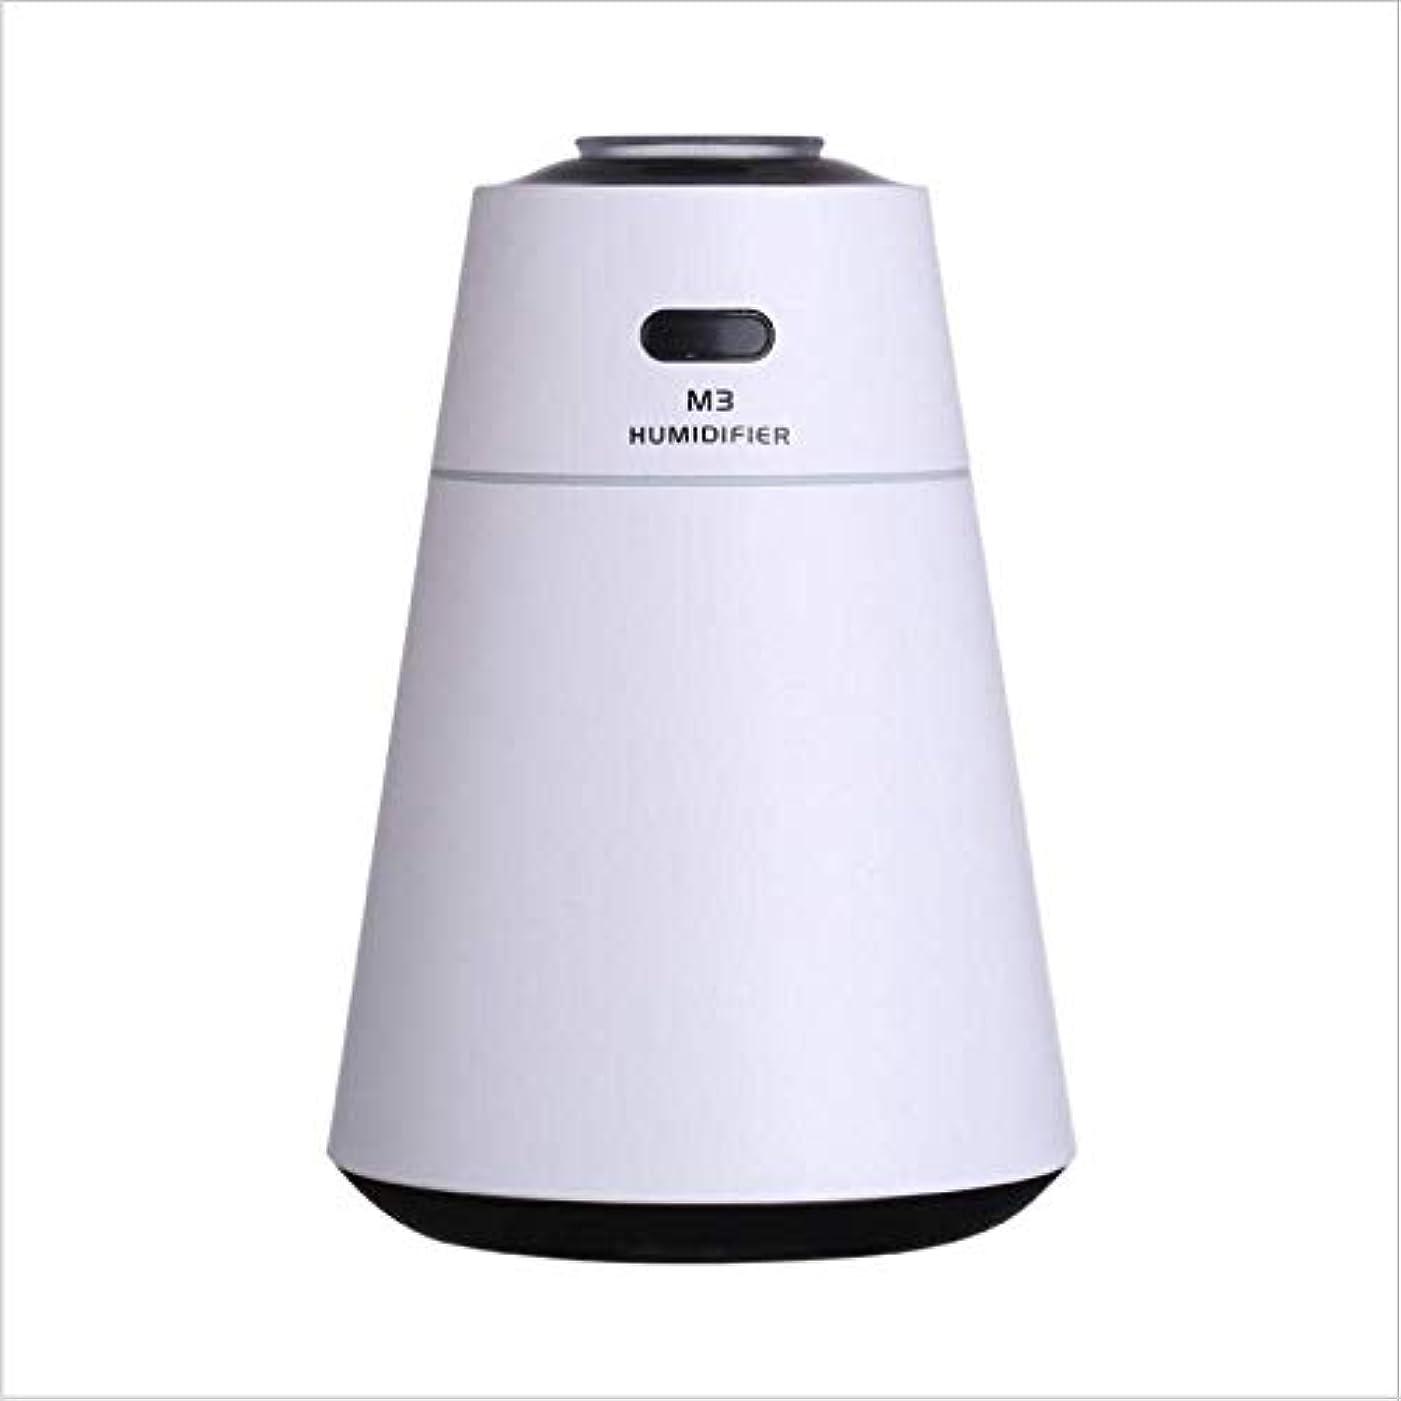 偏差ドラム経験的SOTCE アロマディフューザー加湿器超音波霧化技術満足のいく解決策の美しい装飾は、USB湿潤環境をスプレーミストクール (Color : White)